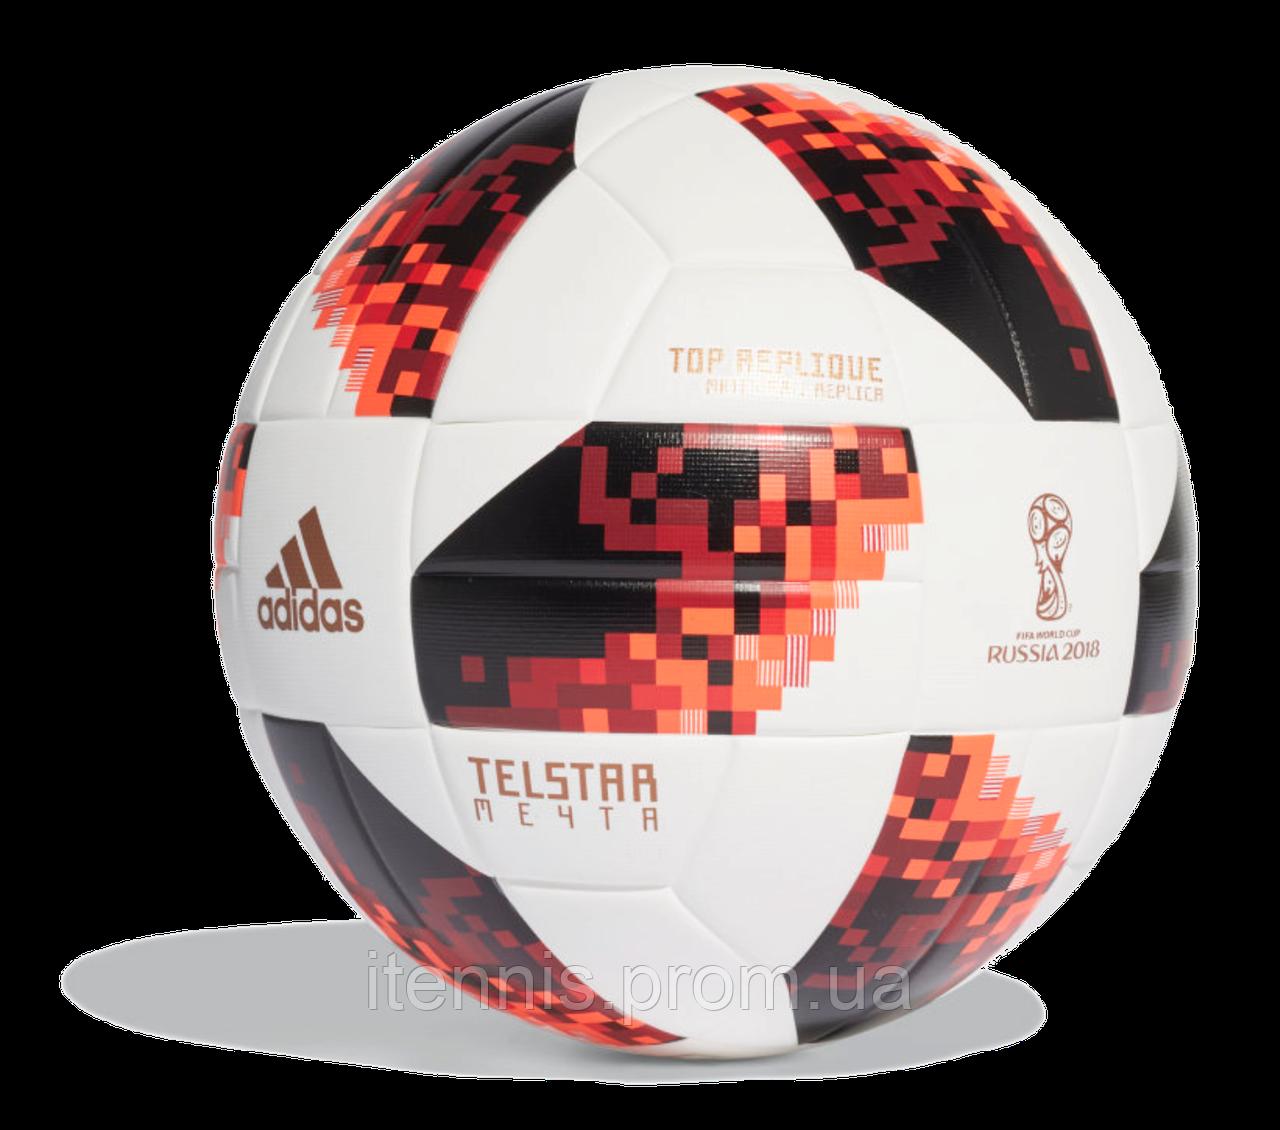 Футбольный мяч Adidas Telstar МЕЧТА size 5